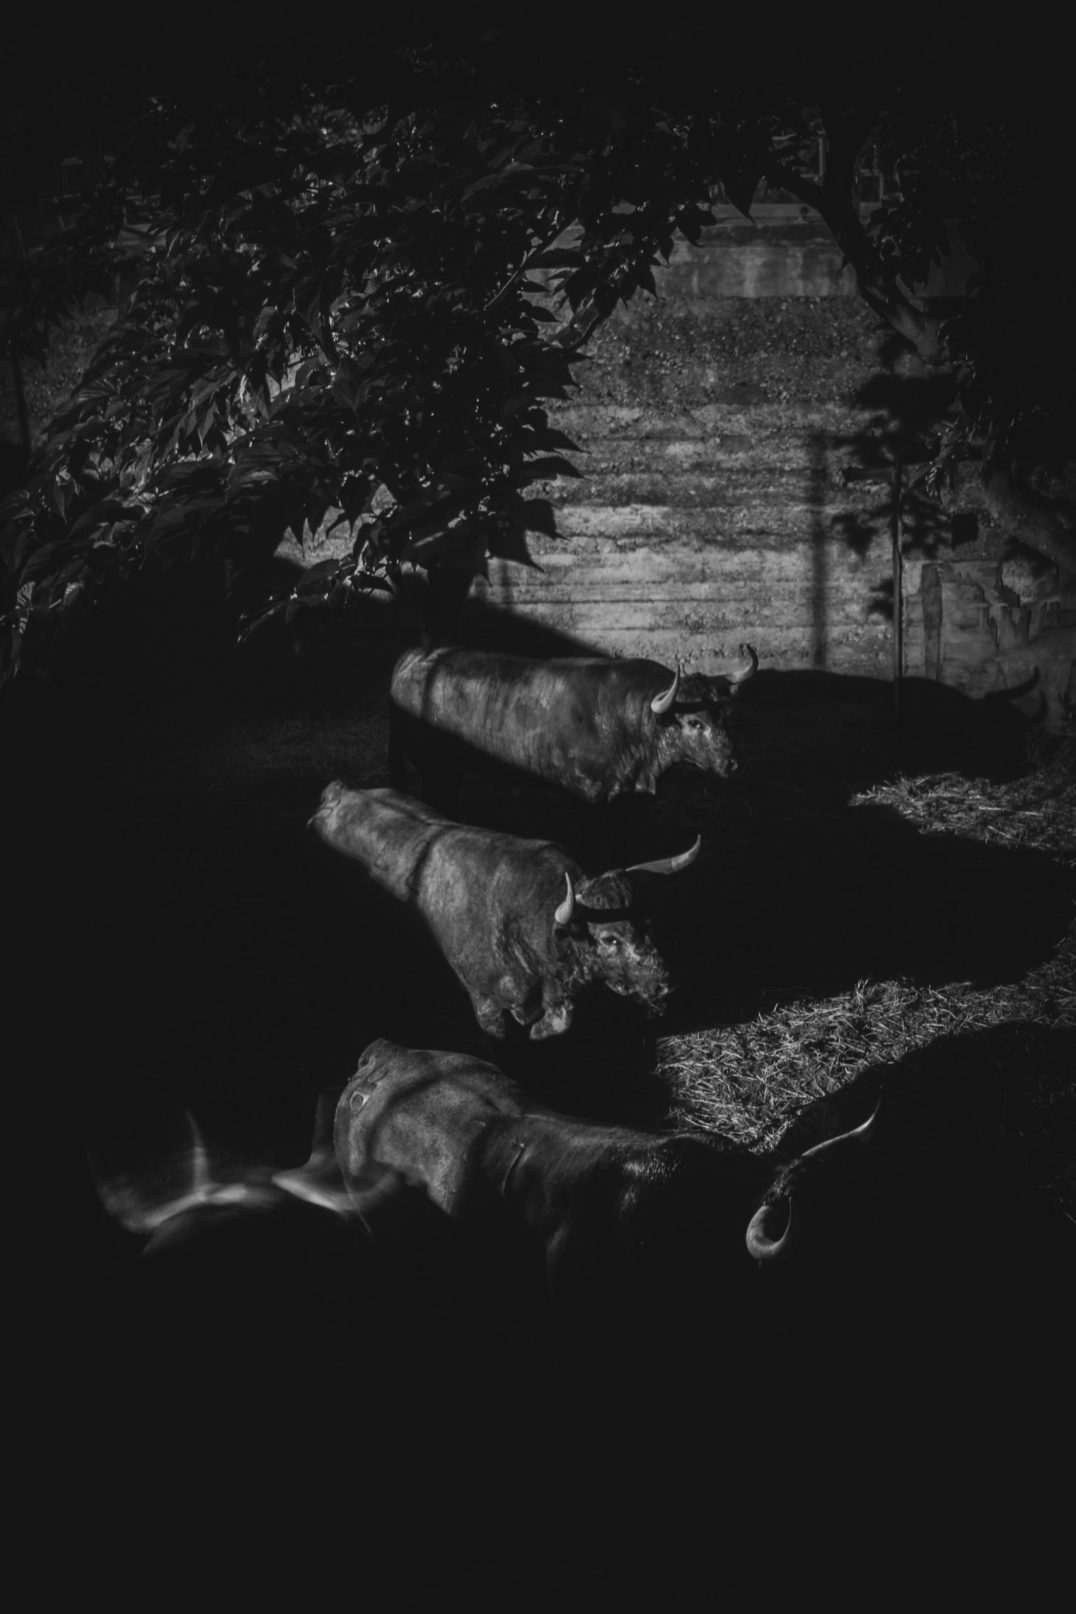 """Toros de José Jaquim Moreno Da Silva, élevage de sang pur """"Saltillo"""". Les arènes de Céret sont fréquentées par un public exigeant, qui """"sélectionne"""" ses arènes, cherche des toros """"bravos"""" et vient de loin pour voir concourir des encastes anciennes."""